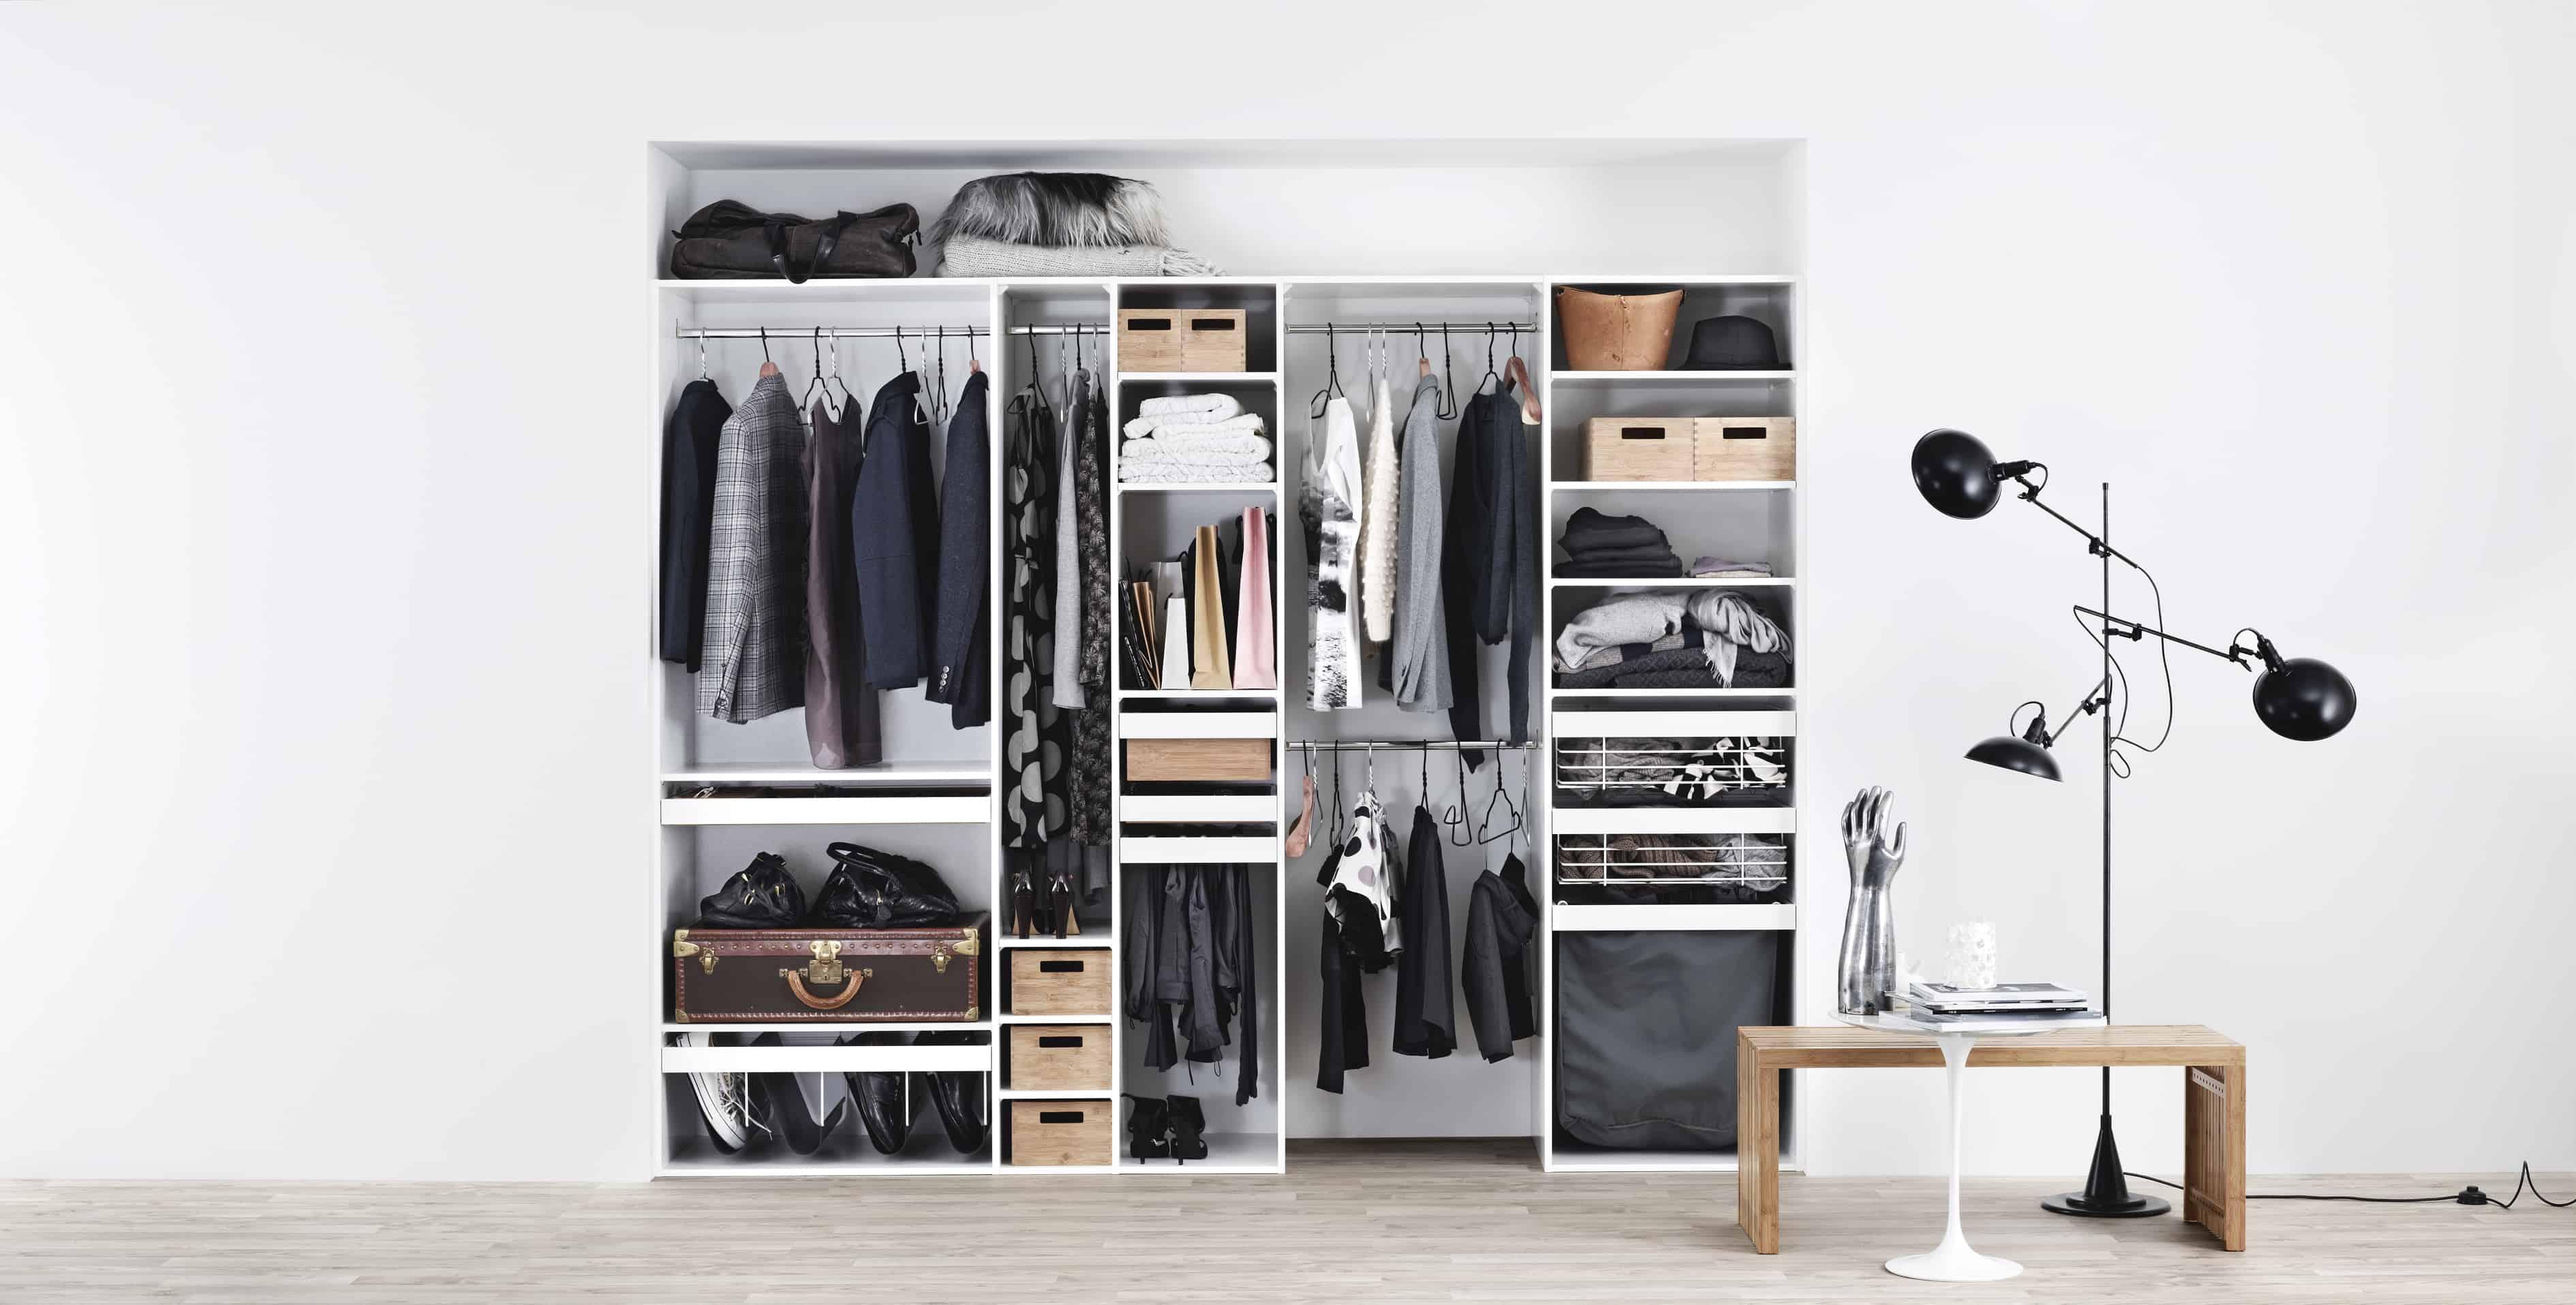 Cabina armadio fai da te idee per ordinare vestiti e scarpe for Idee fai da te per arredare la casa